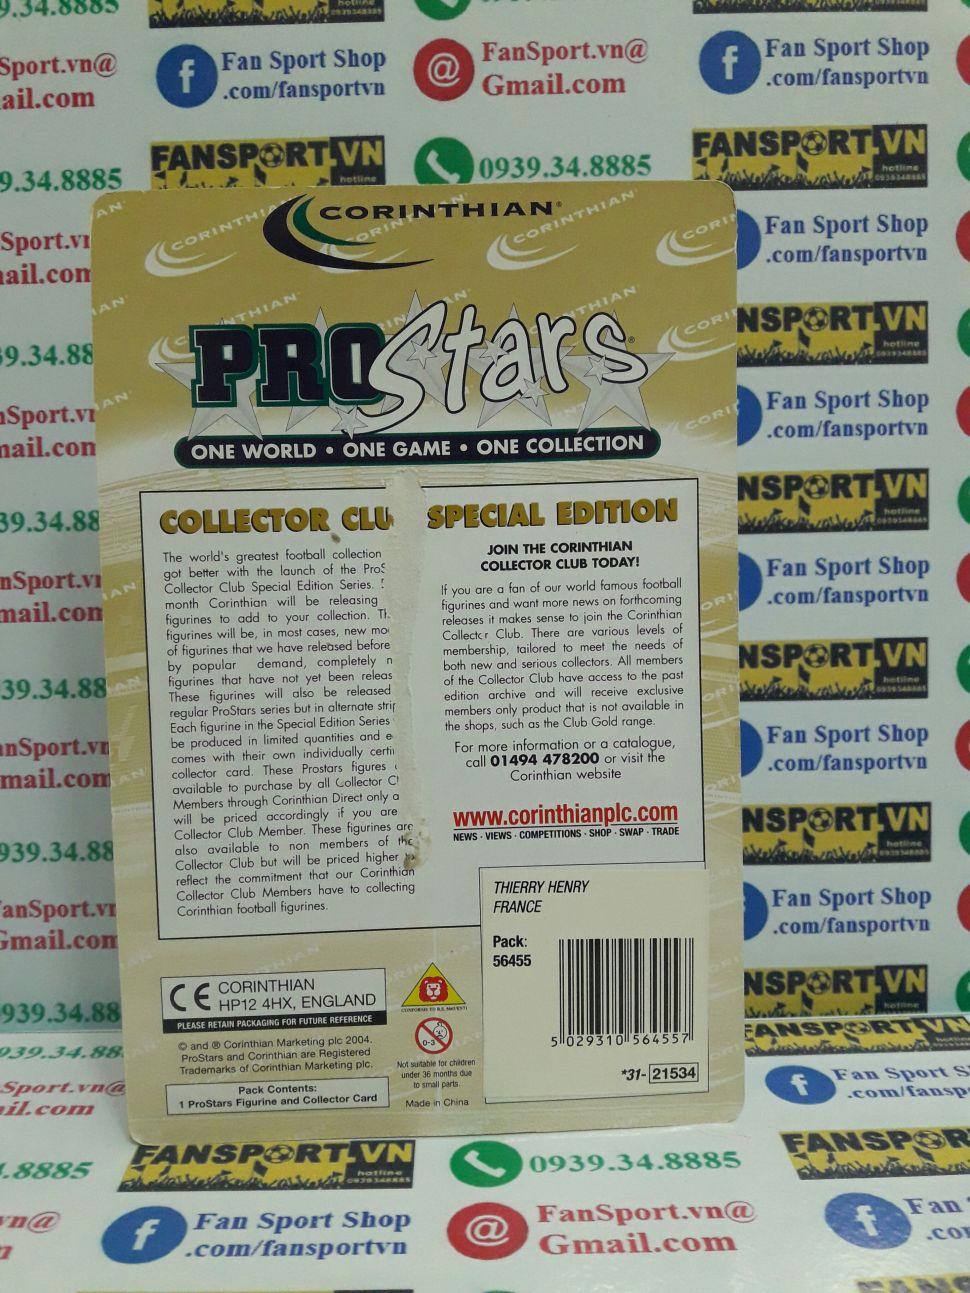 Tượng Thierry Henry France 2000-2002 away corinthian PRO957 blister